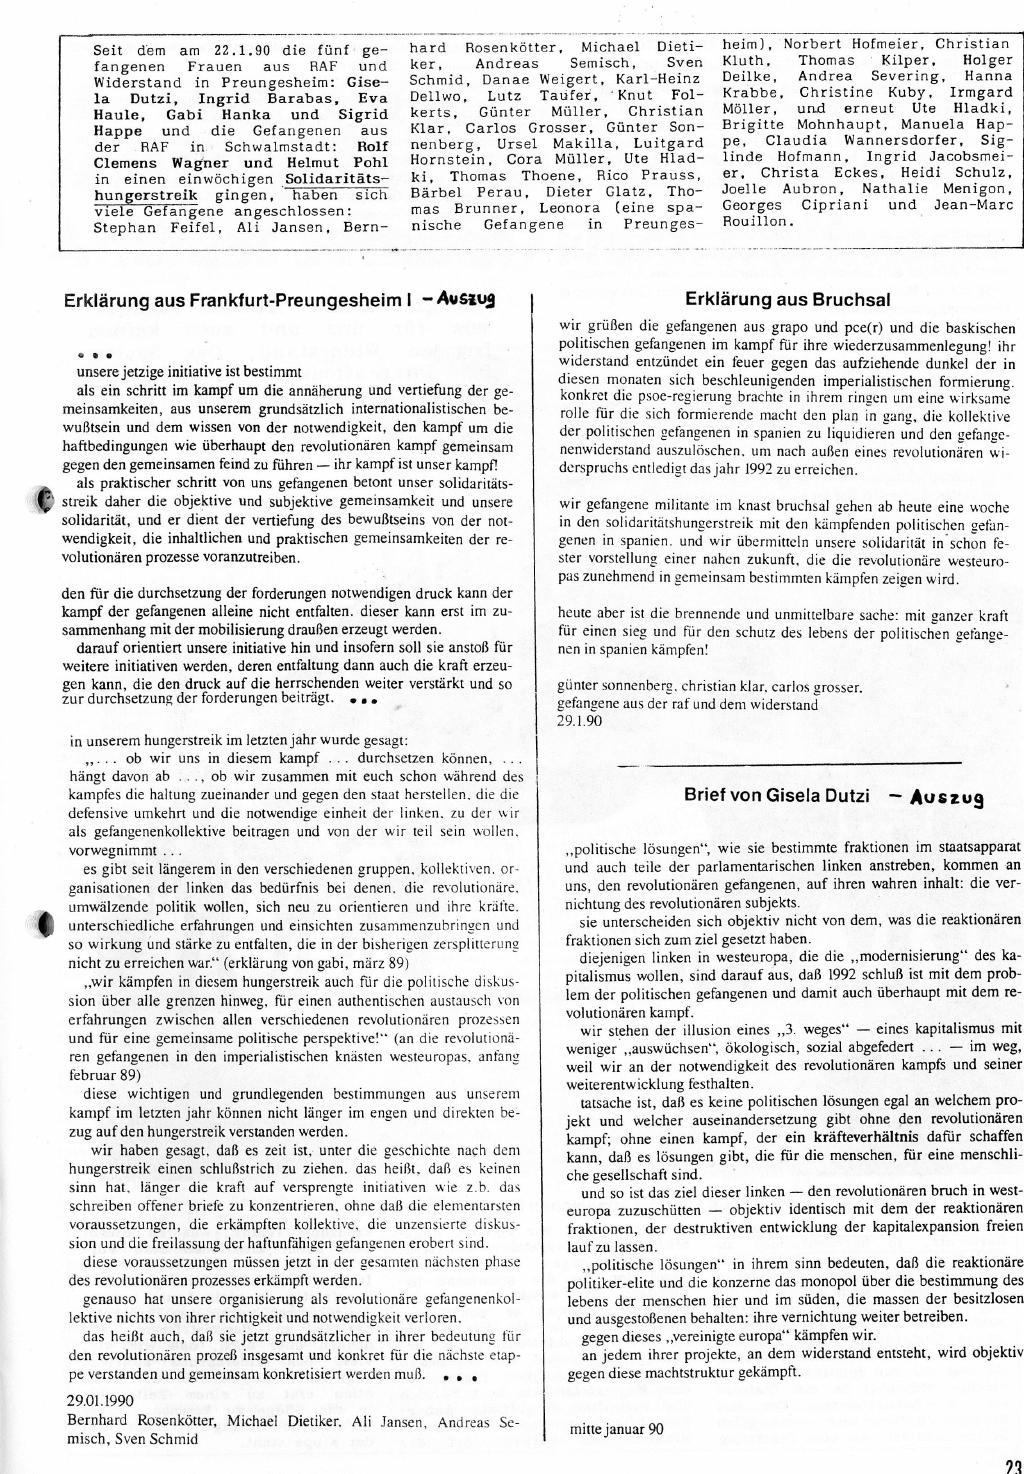 Frankfurt_Prozessinfo_Kein_Frieden_mit_den_Banken_1990_1_2_23